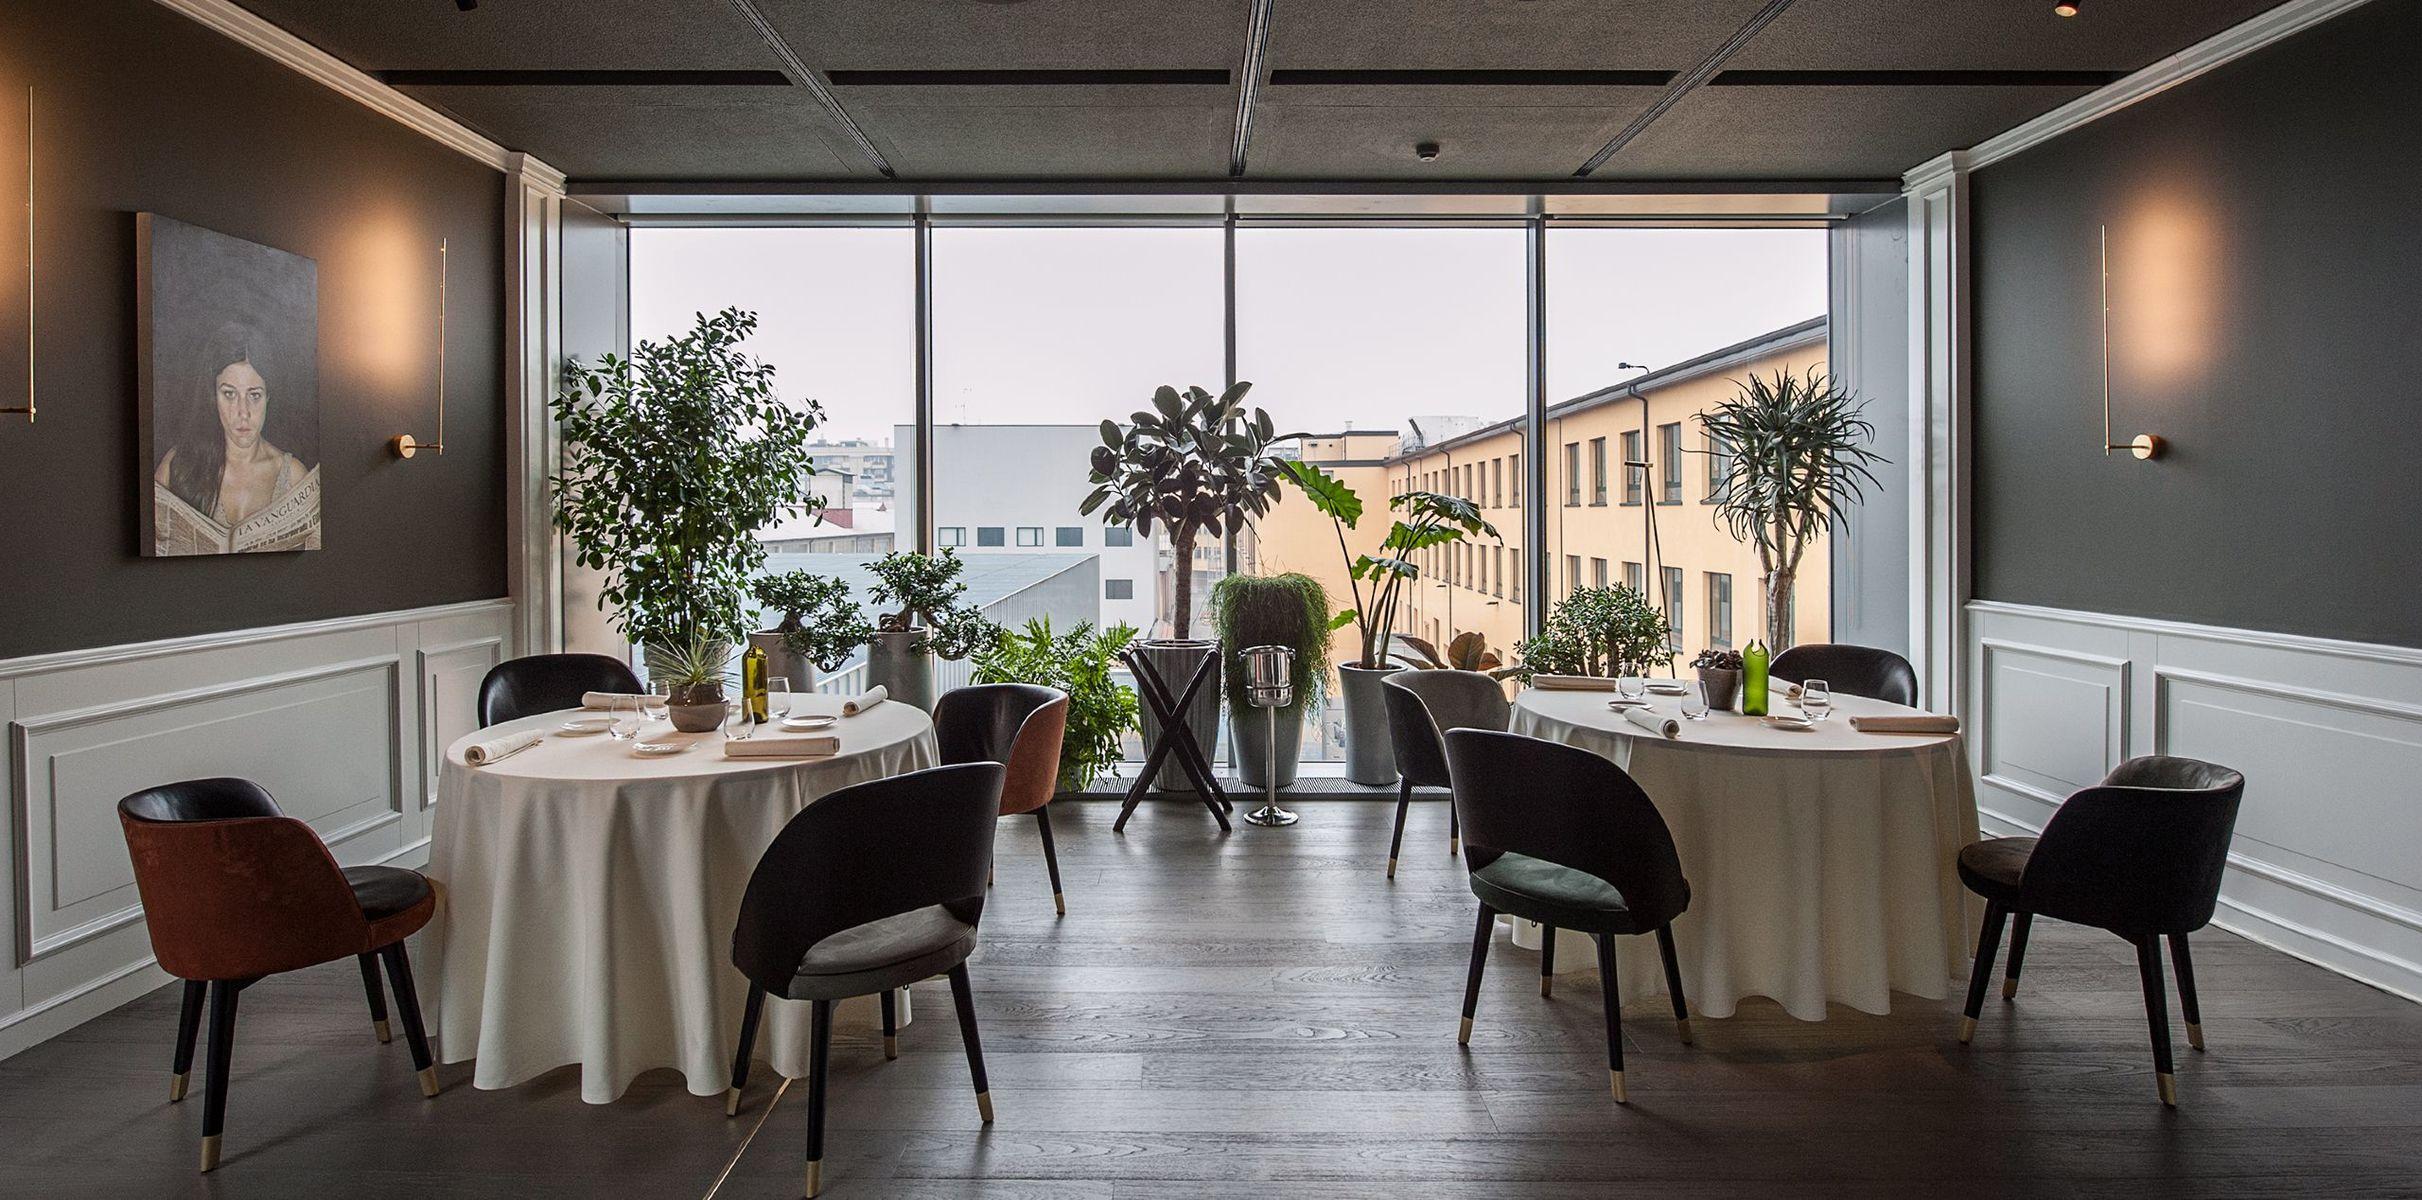 C'è un museo che ora ha un ristorante tre stelle Michelin: è il Mudec di Milano